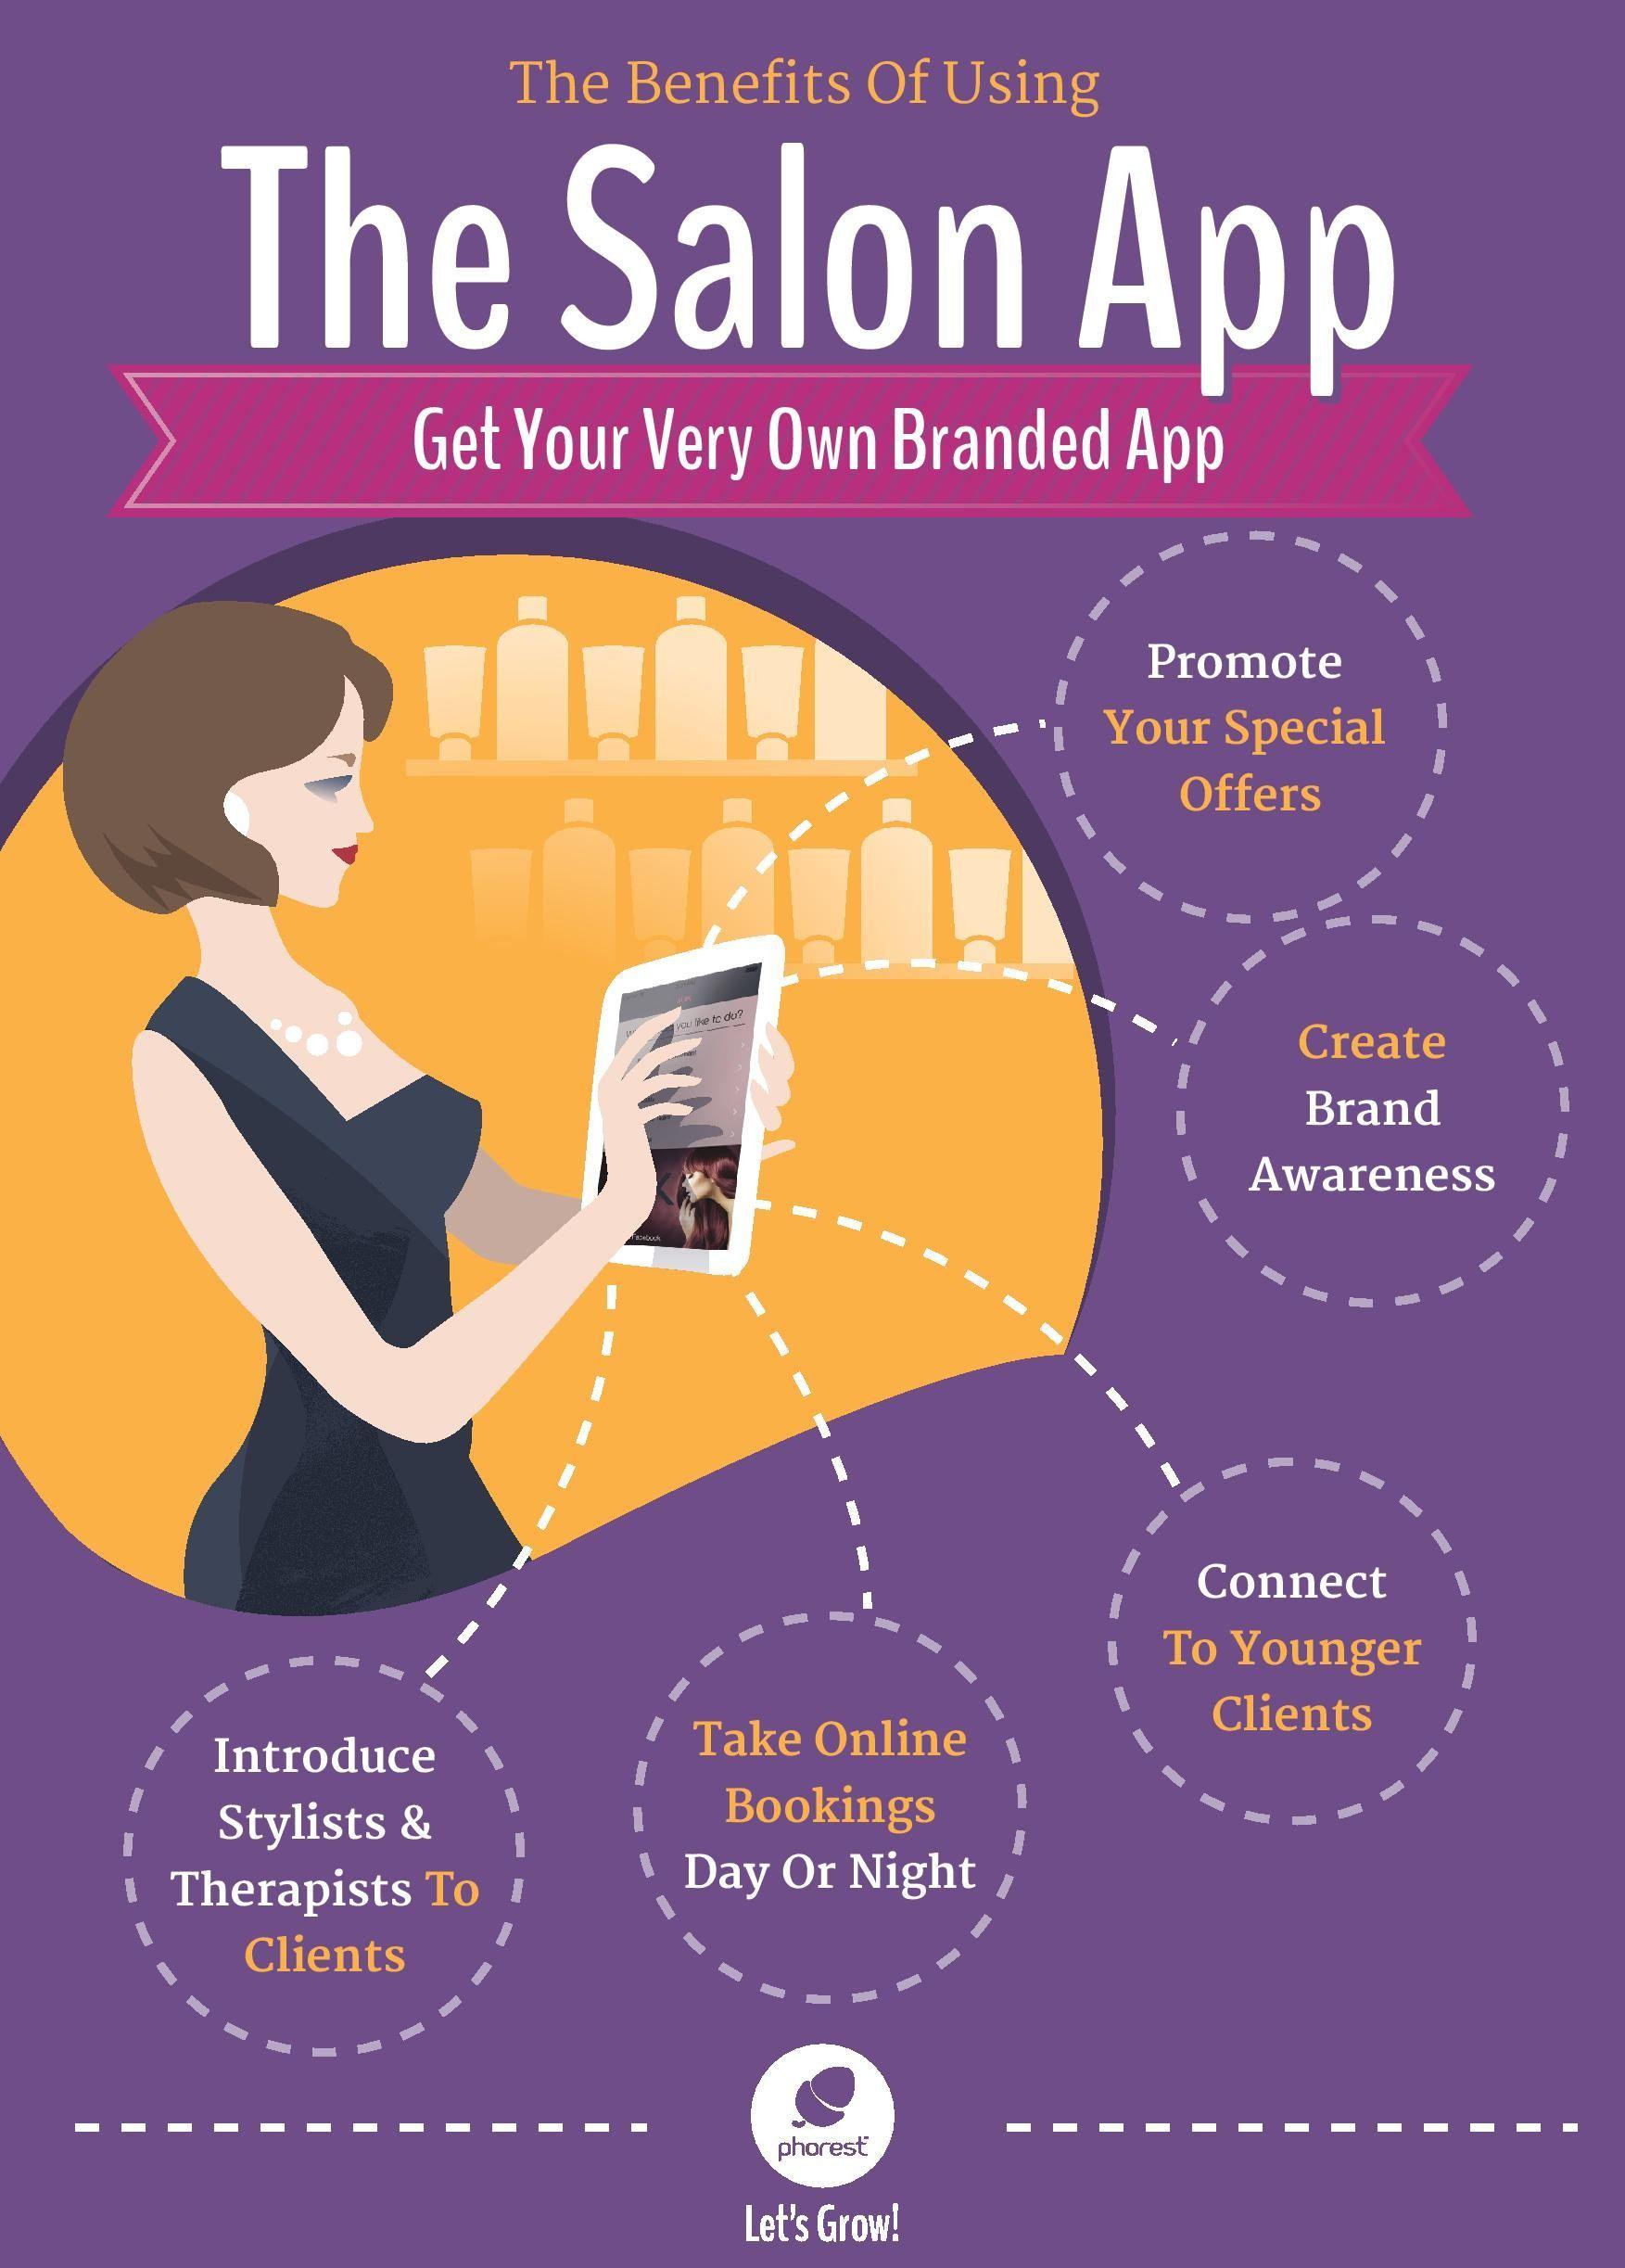 Avoid common salon marketing mistakes - Phorest Blog